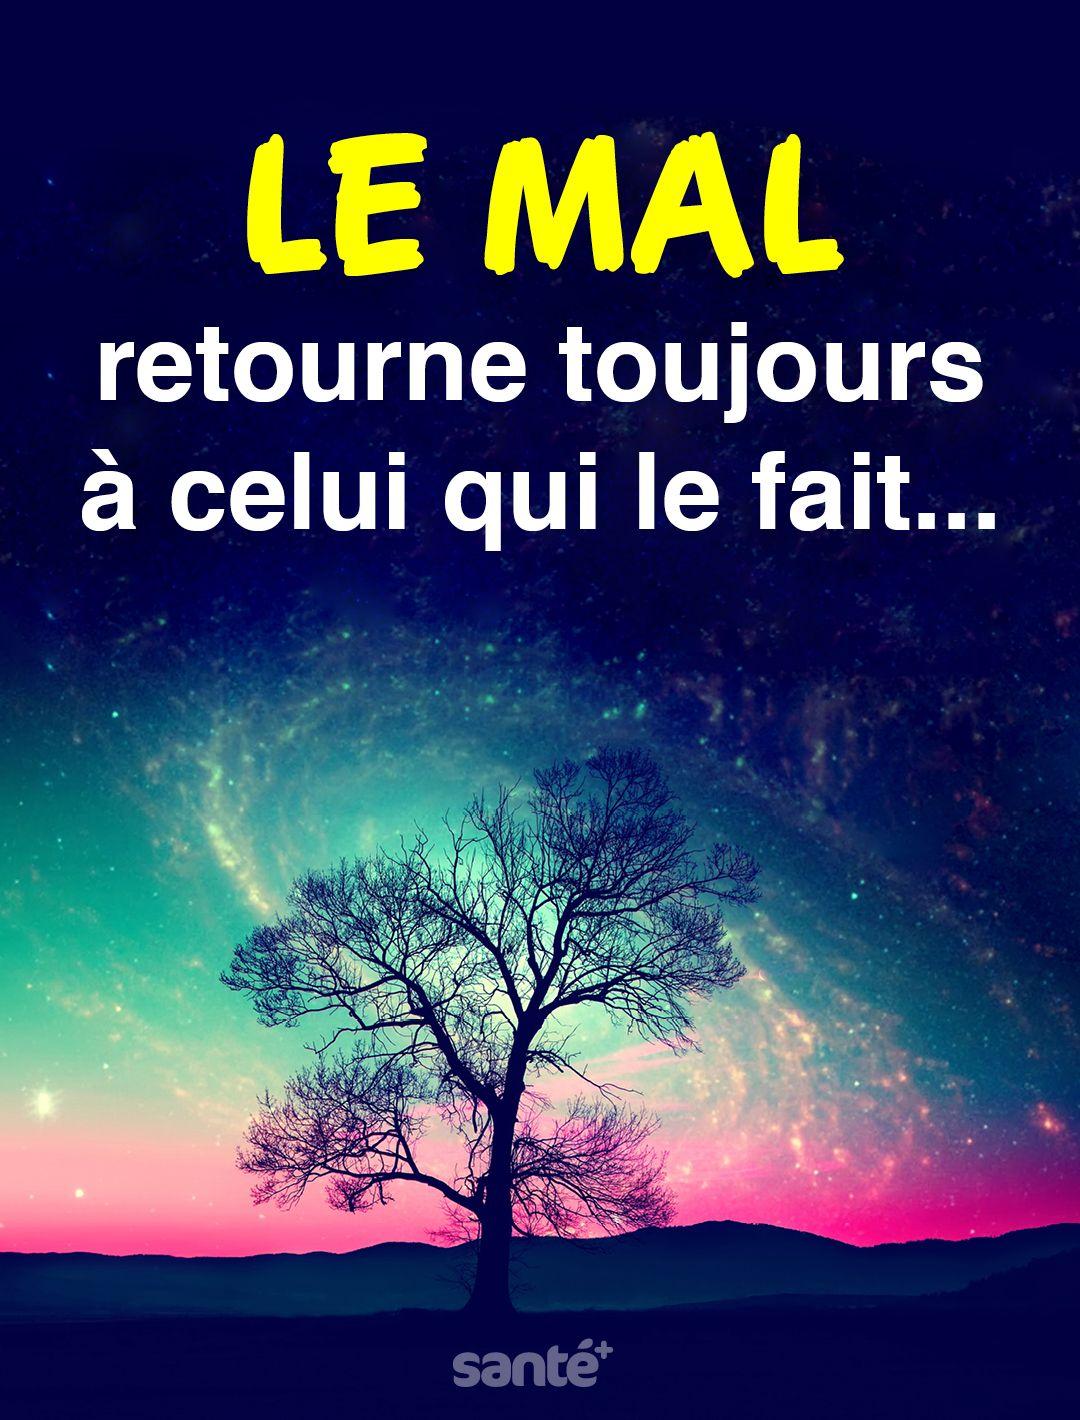 Poeme De Trahison D Amour : poeme, trahison, amour, Citations, Citation,, Citation, Trahison,, Poeme